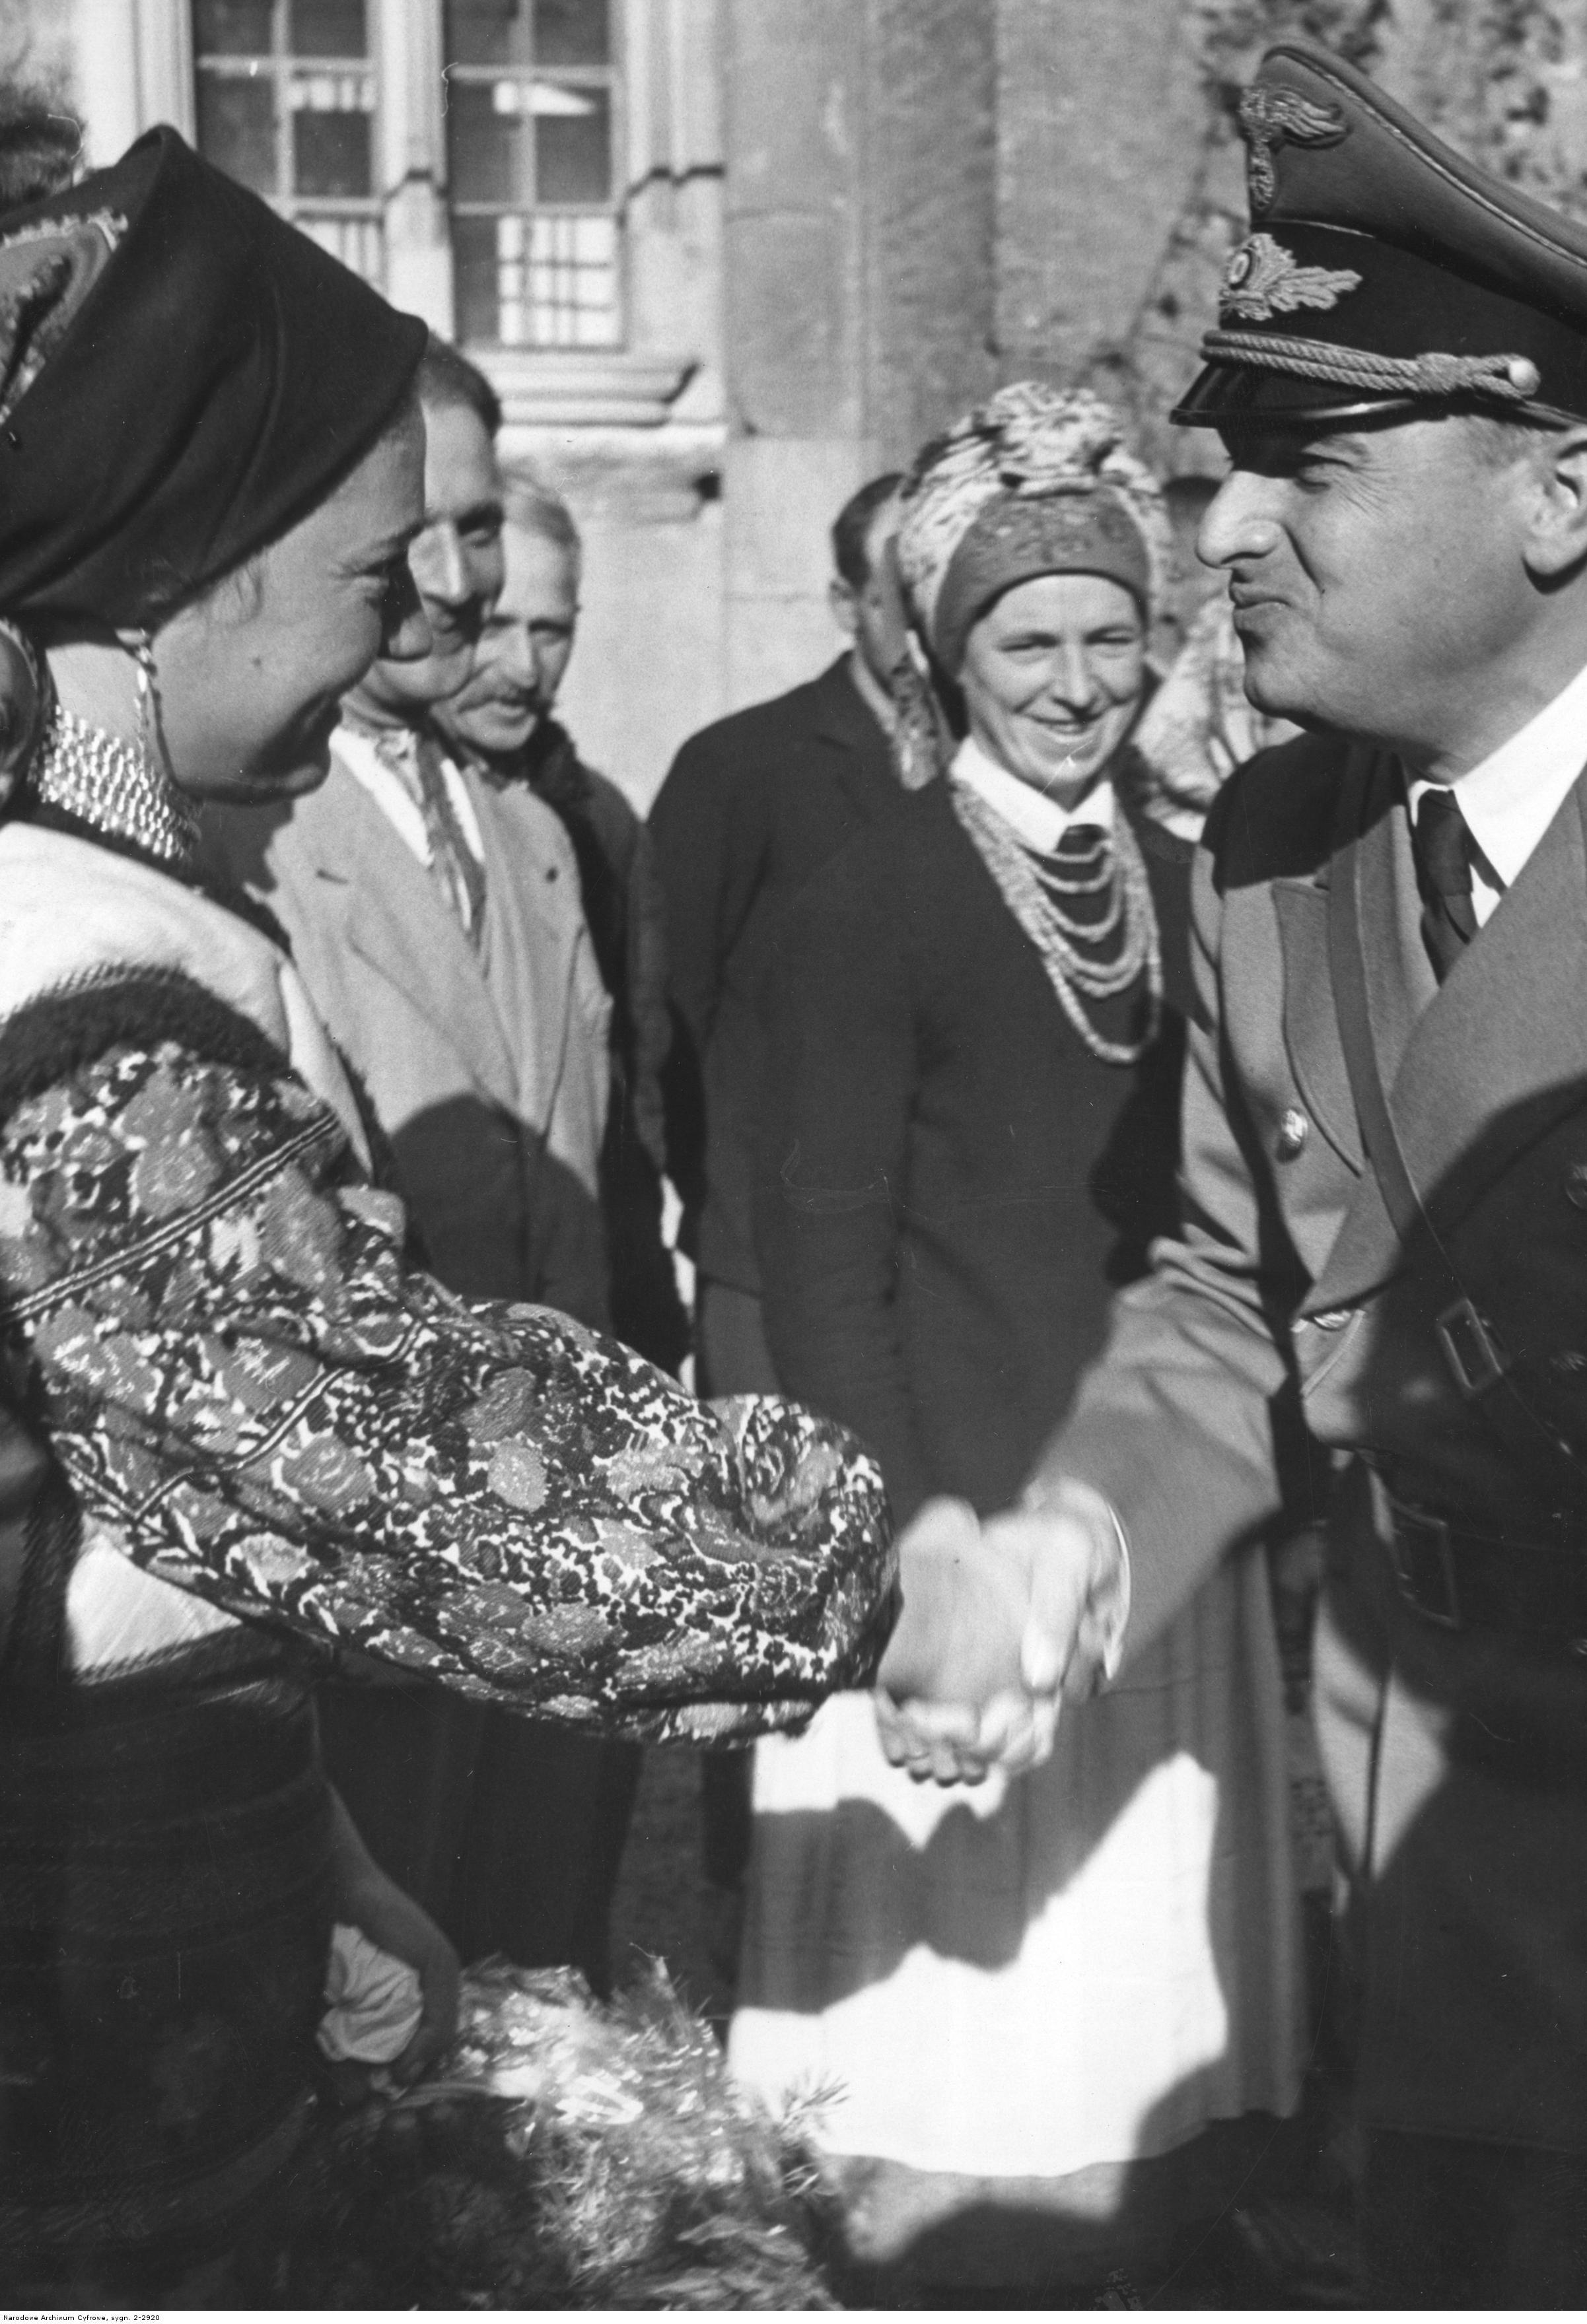 1943. Фестиваль урожая в Королевском замке в Кракове. Генерал-губернатор Ганс Франк приветствует делегаток от Украины.